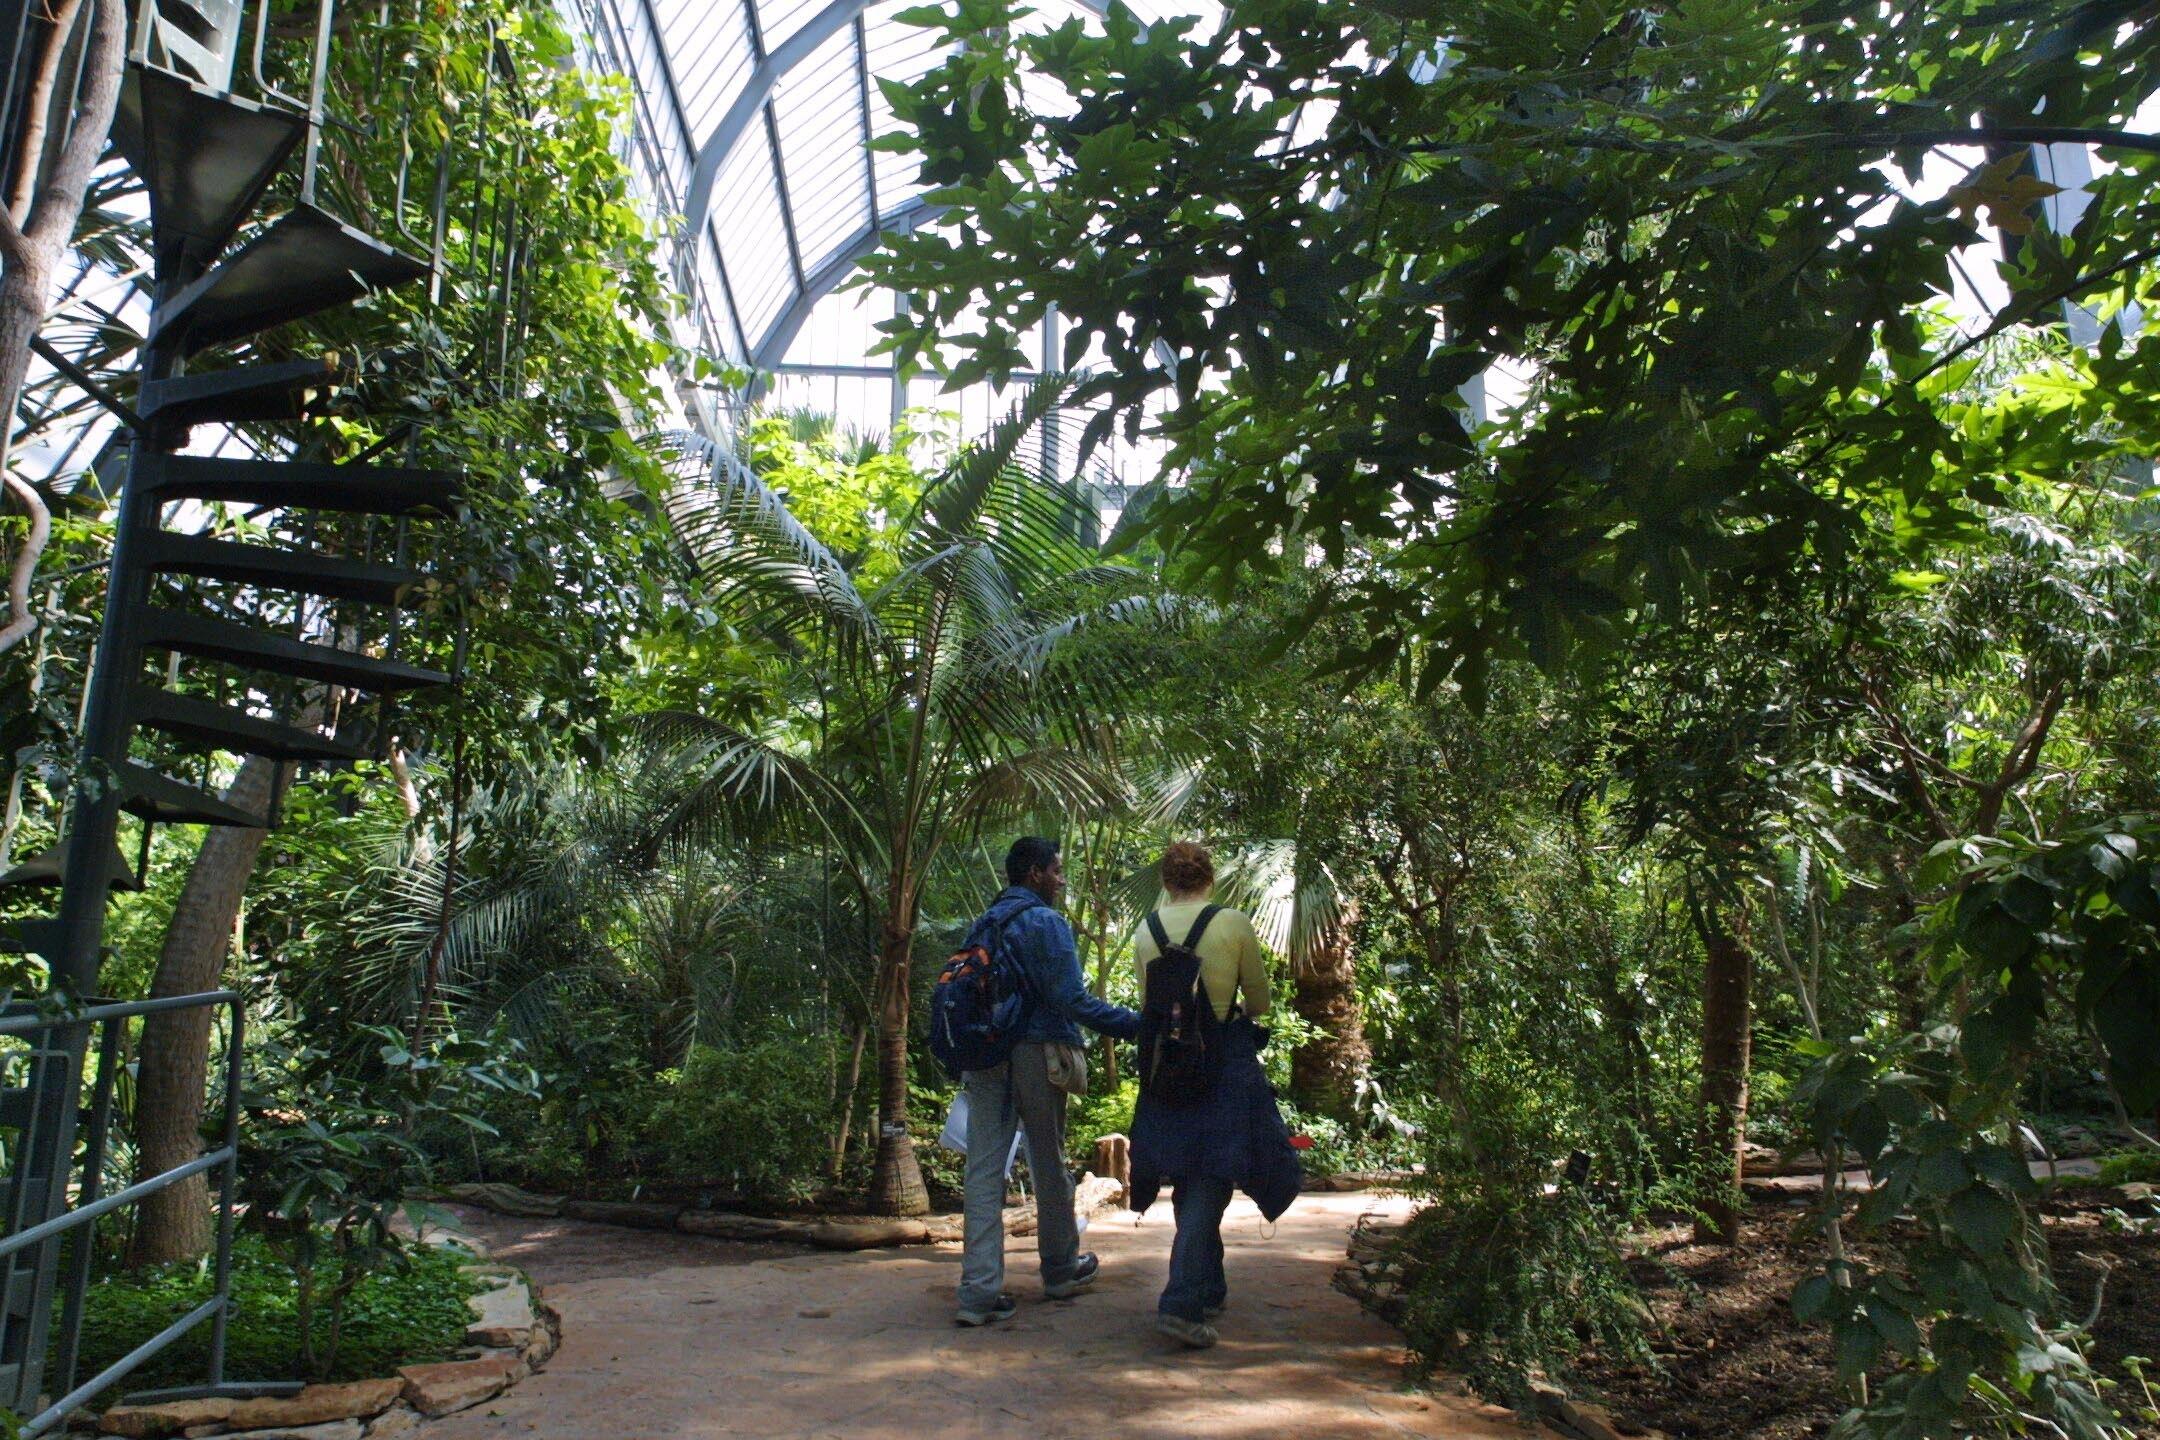 Photographes en rh ne alpes les grandes serres et le jardin botanique du parc de la t te d 39 or - Jardin d hiver de la berteliere ...